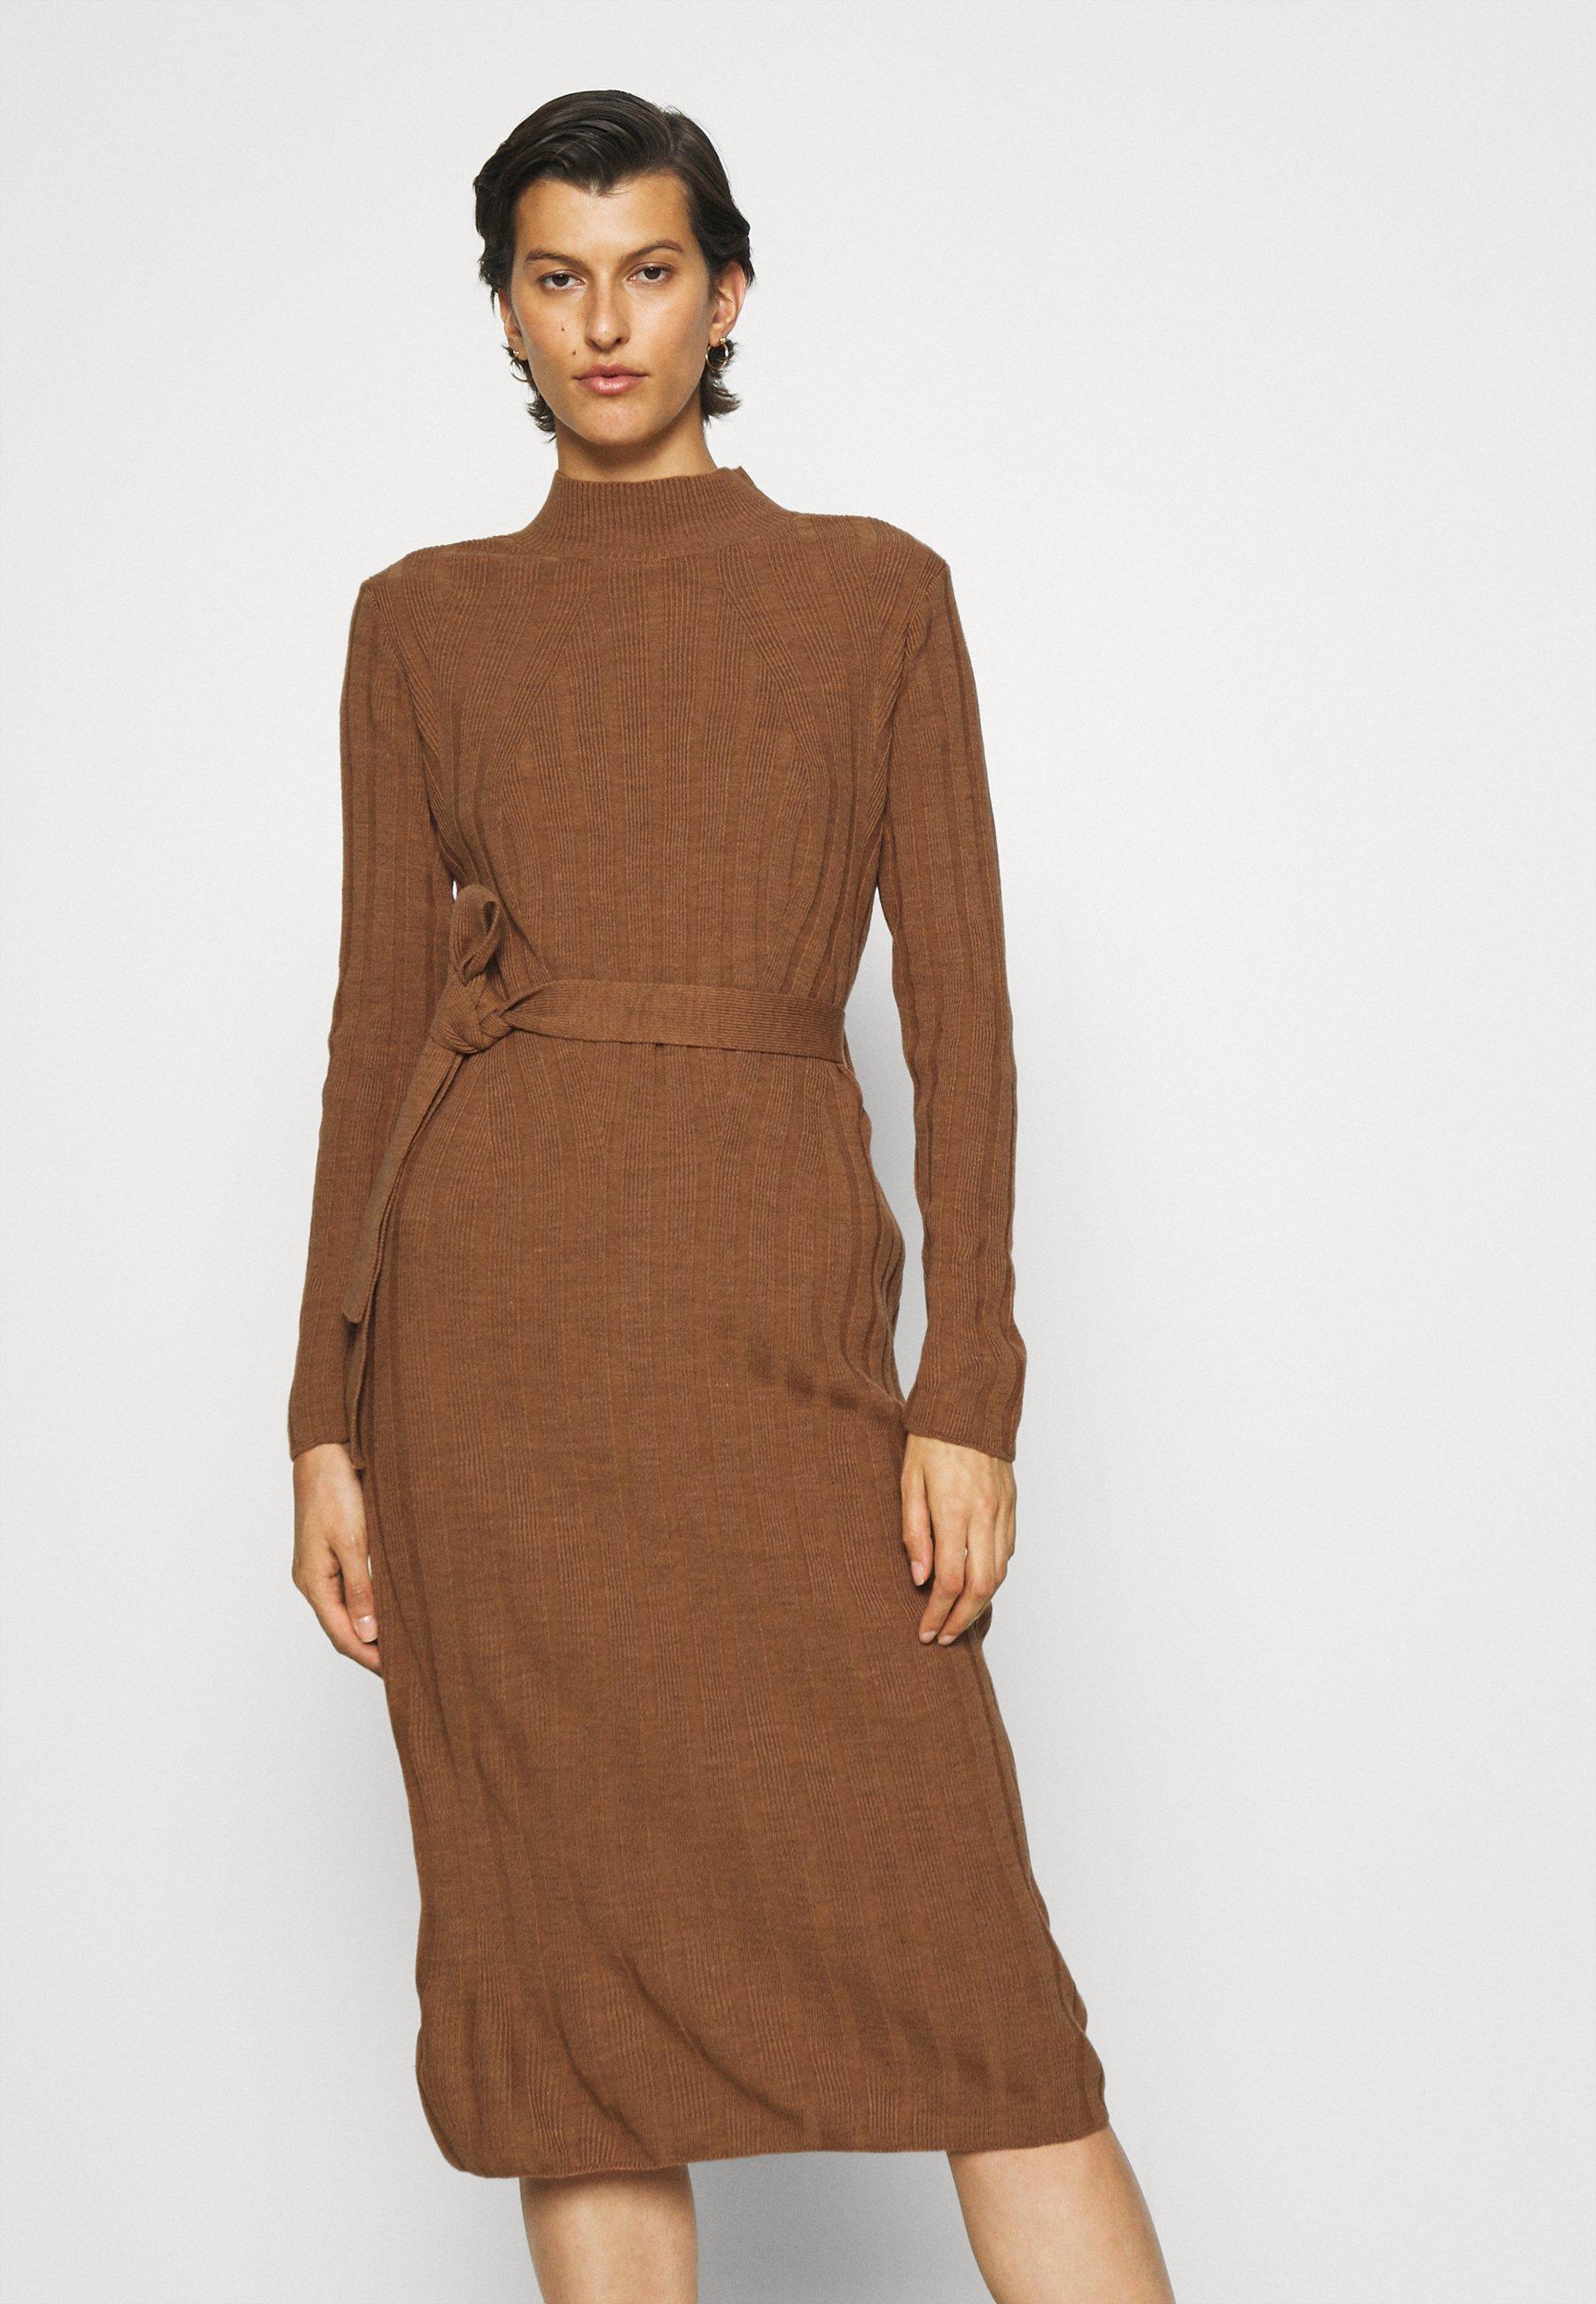 Femme ONLNEW TESSA O NECK DRESS - Robe pull